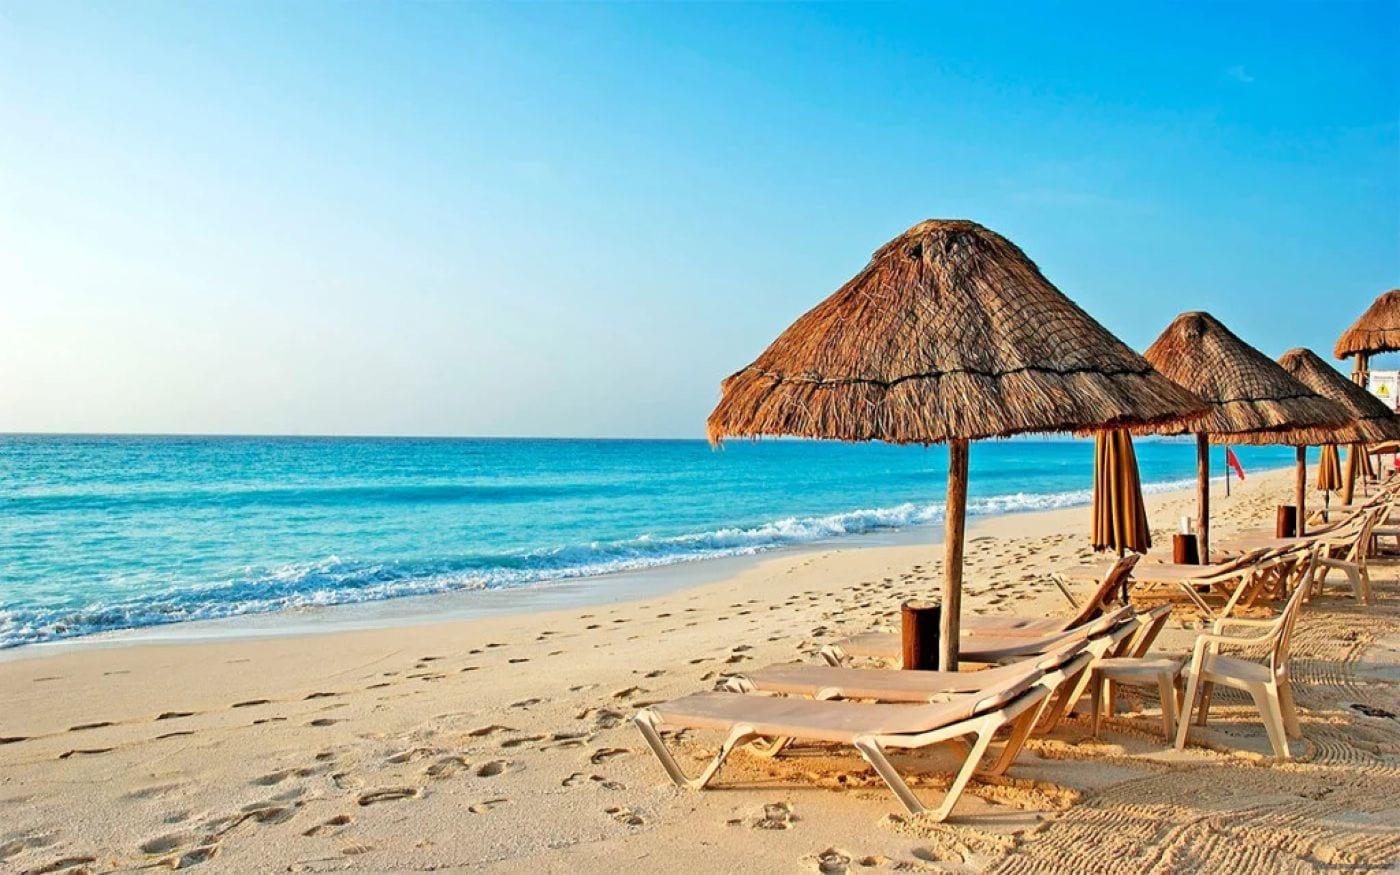 Где отдохнуть на море в марте 2020 за границей недорого - 20 лучших пляжных направлений